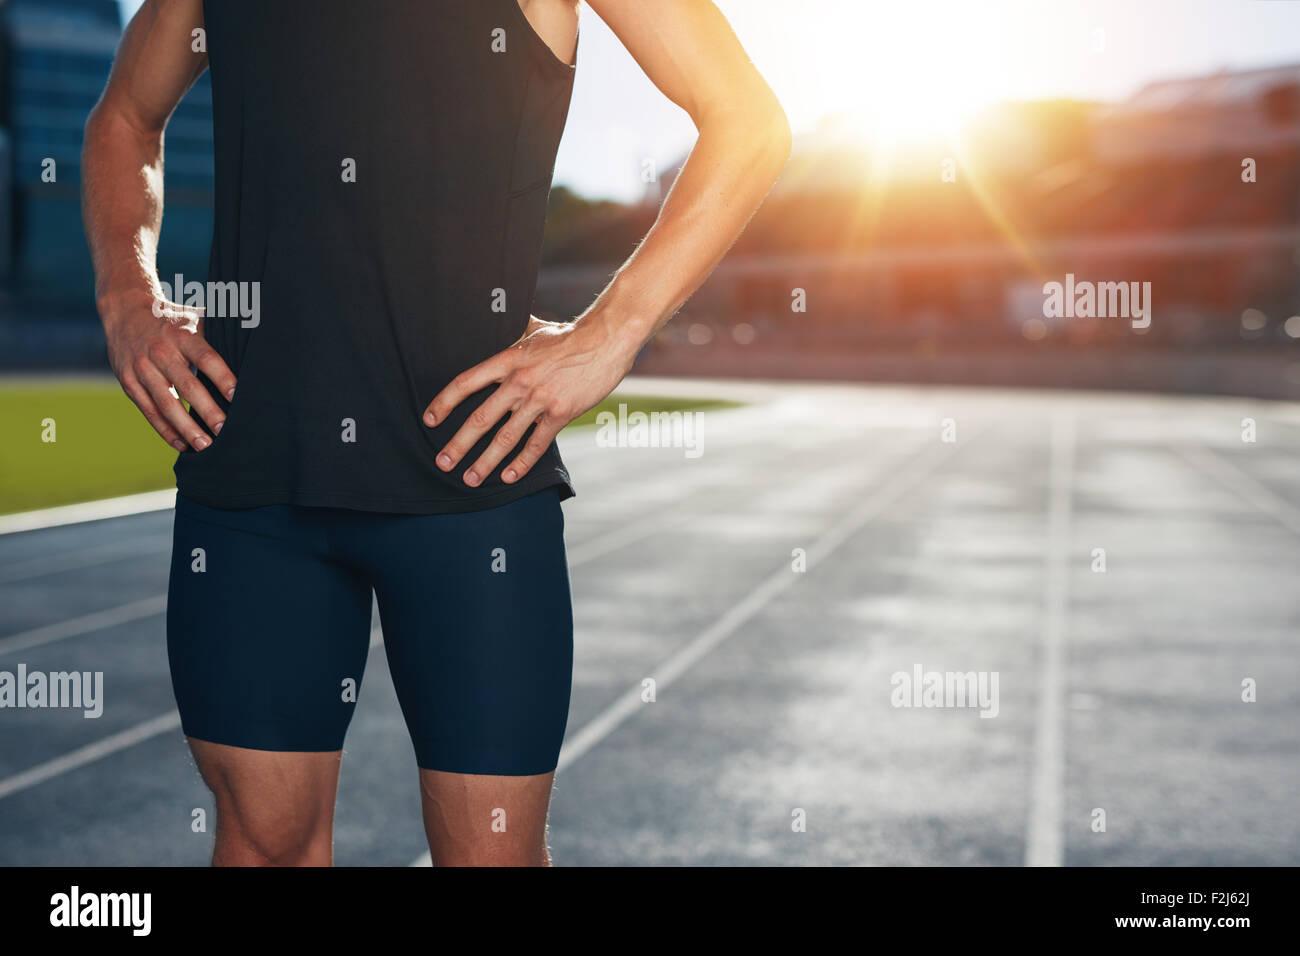 Sección intermedia shot de atleta masculino de pie en la pista de carreras con sus manos sobre las caderas Imagen De Stock